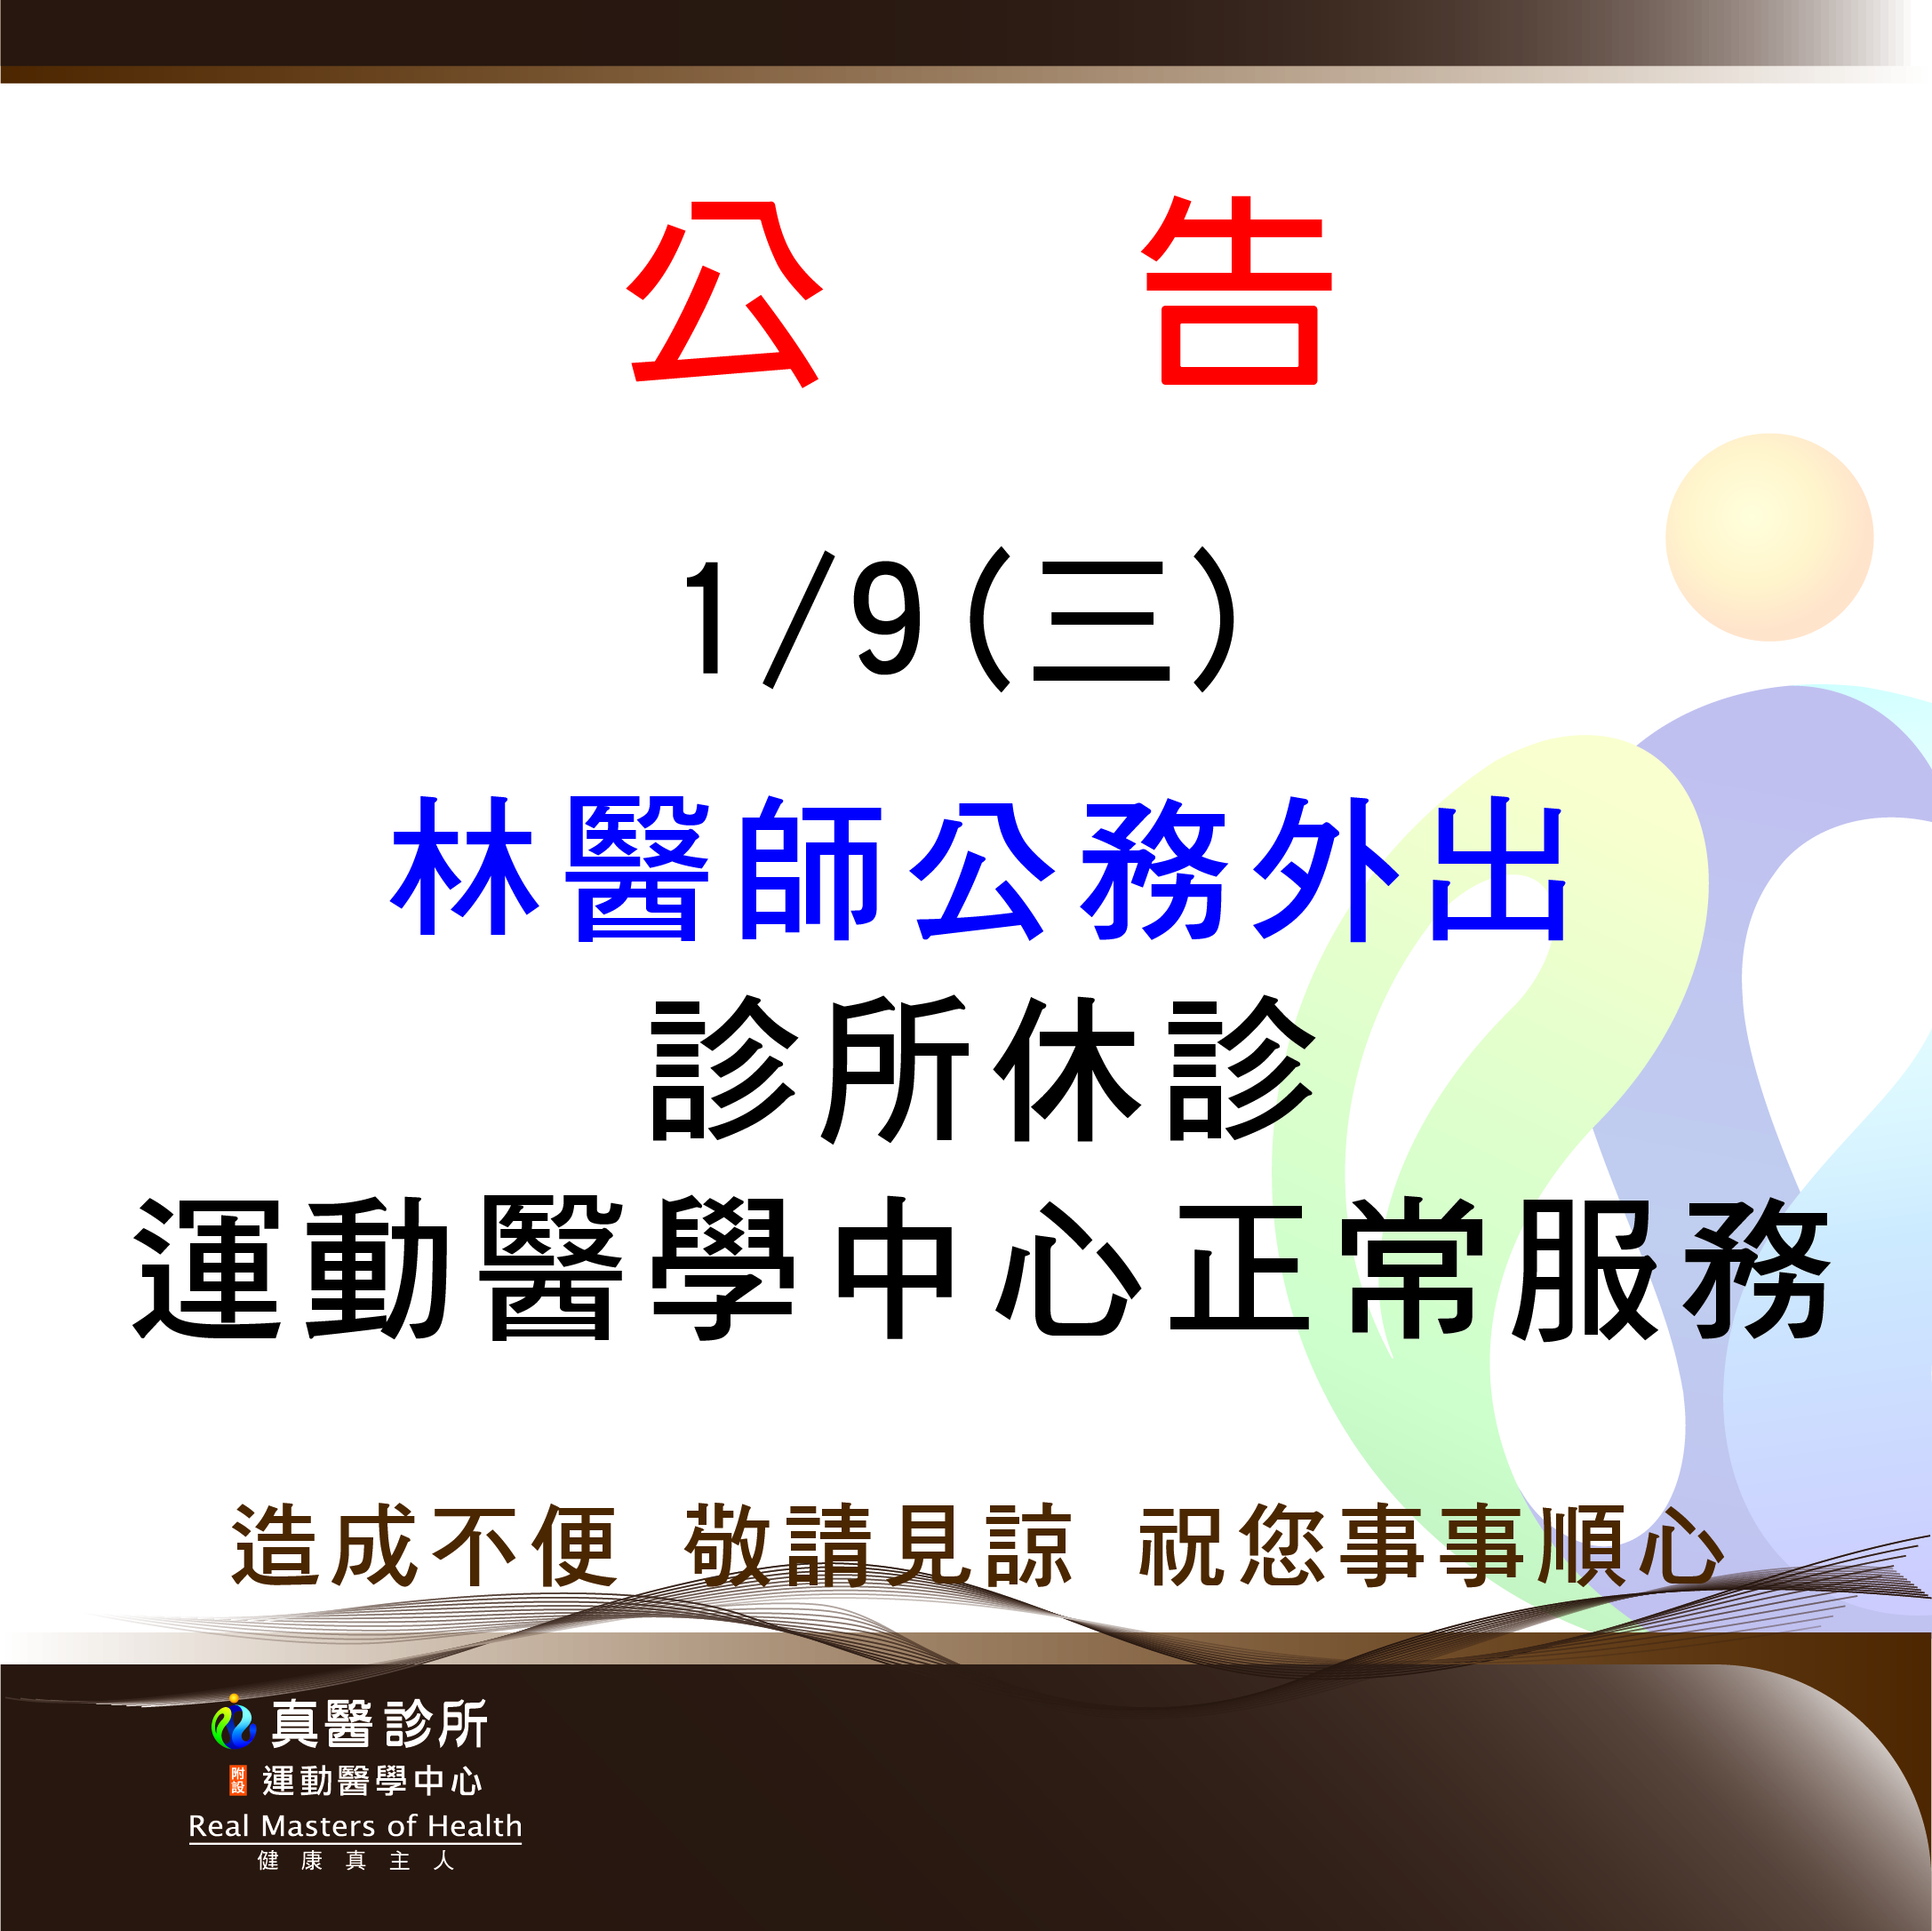 1/9(三)林醫師公務外出 診所休診 運動醫學中心正常服務